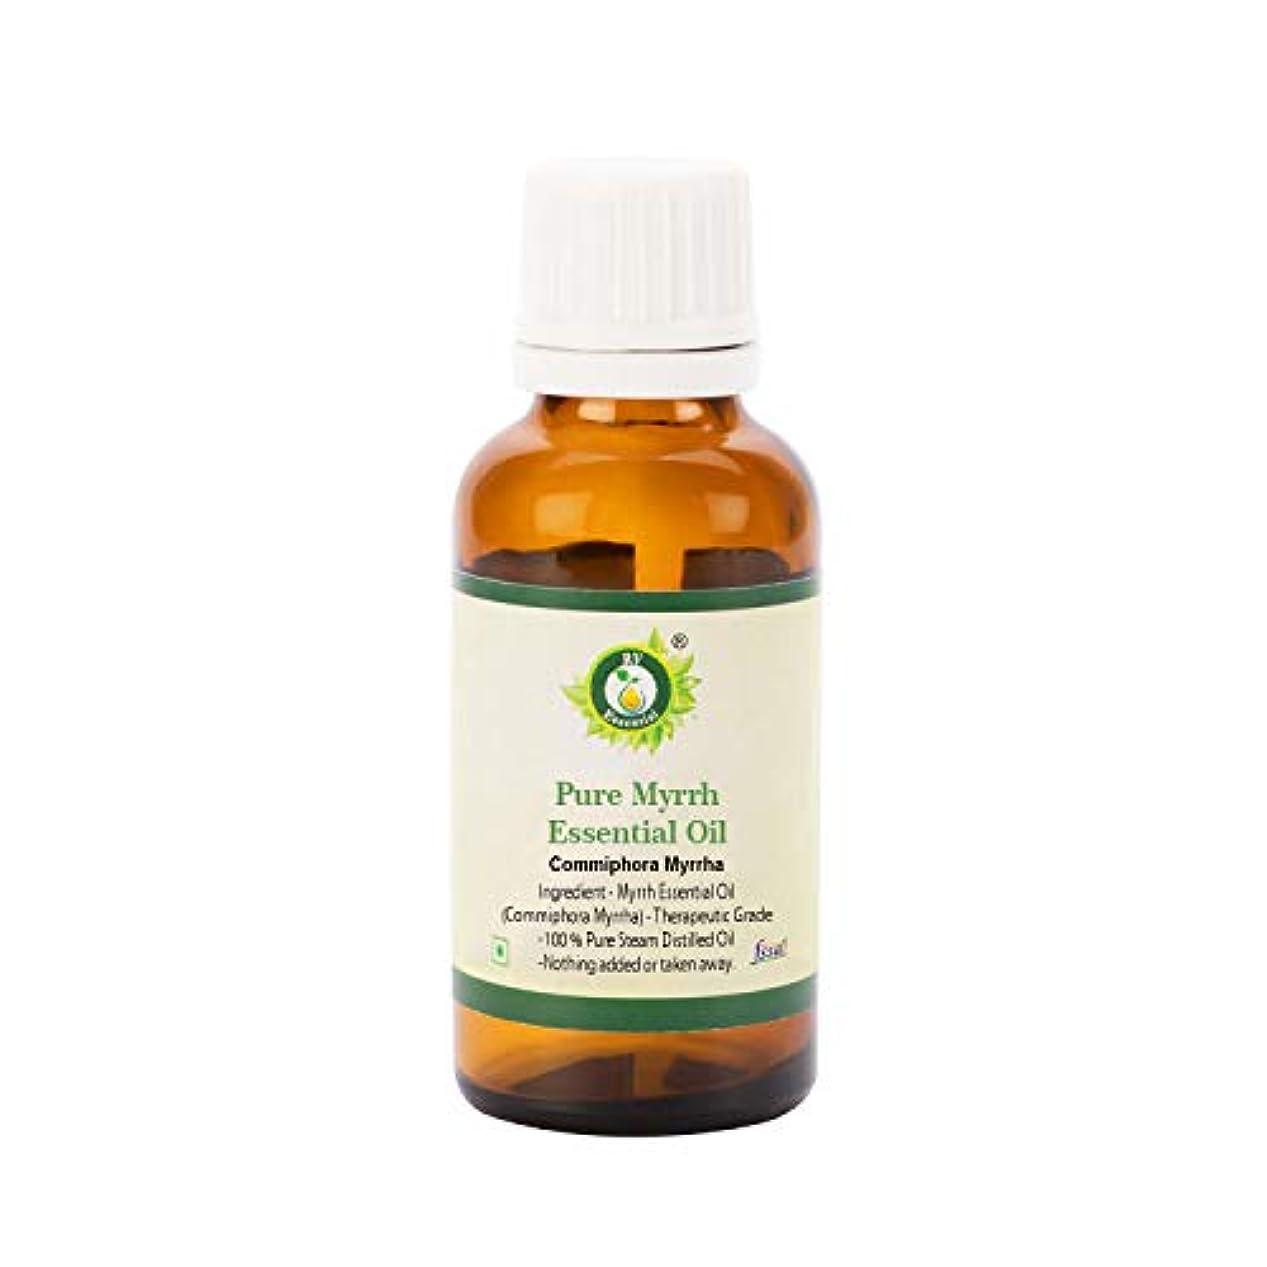 哲学博士つかむ緩めるR V Essential ピュアミルラエッセンシャルオイル30ml (1.01oz)- Commiphora Myrrha (100%純粋&天然スチームDistilled) Pure Myrrh Essential Oil